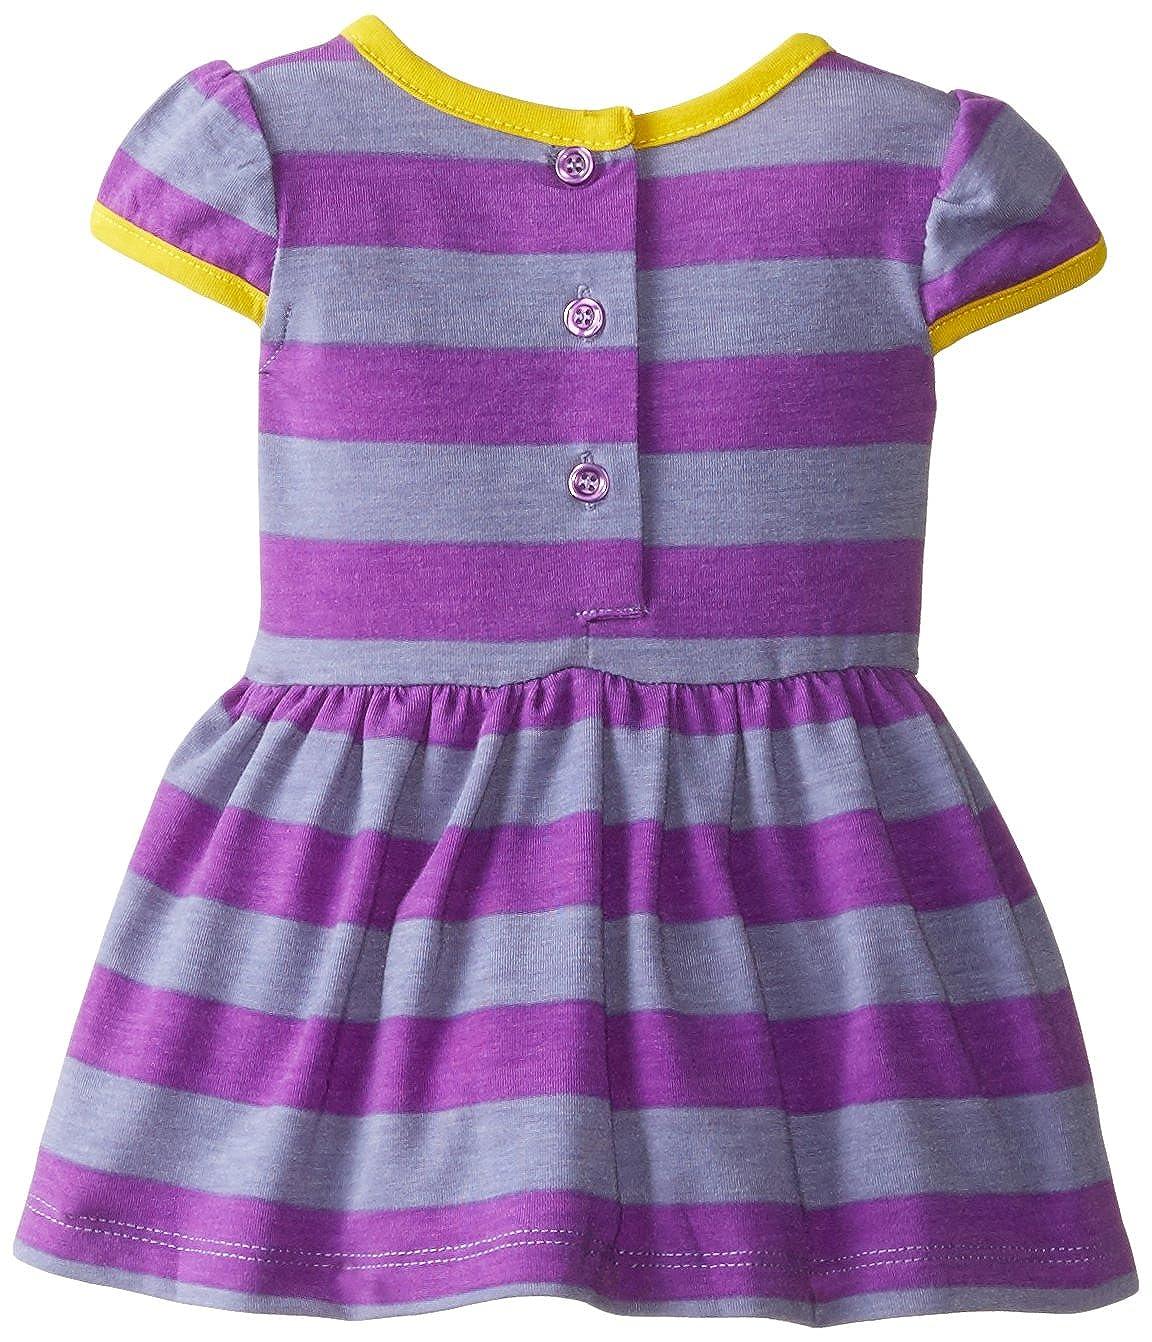 b913db4fed8a Amazon.com  Marmellata Girls  Baby-Newborn Purple Striped Knit Dress ...